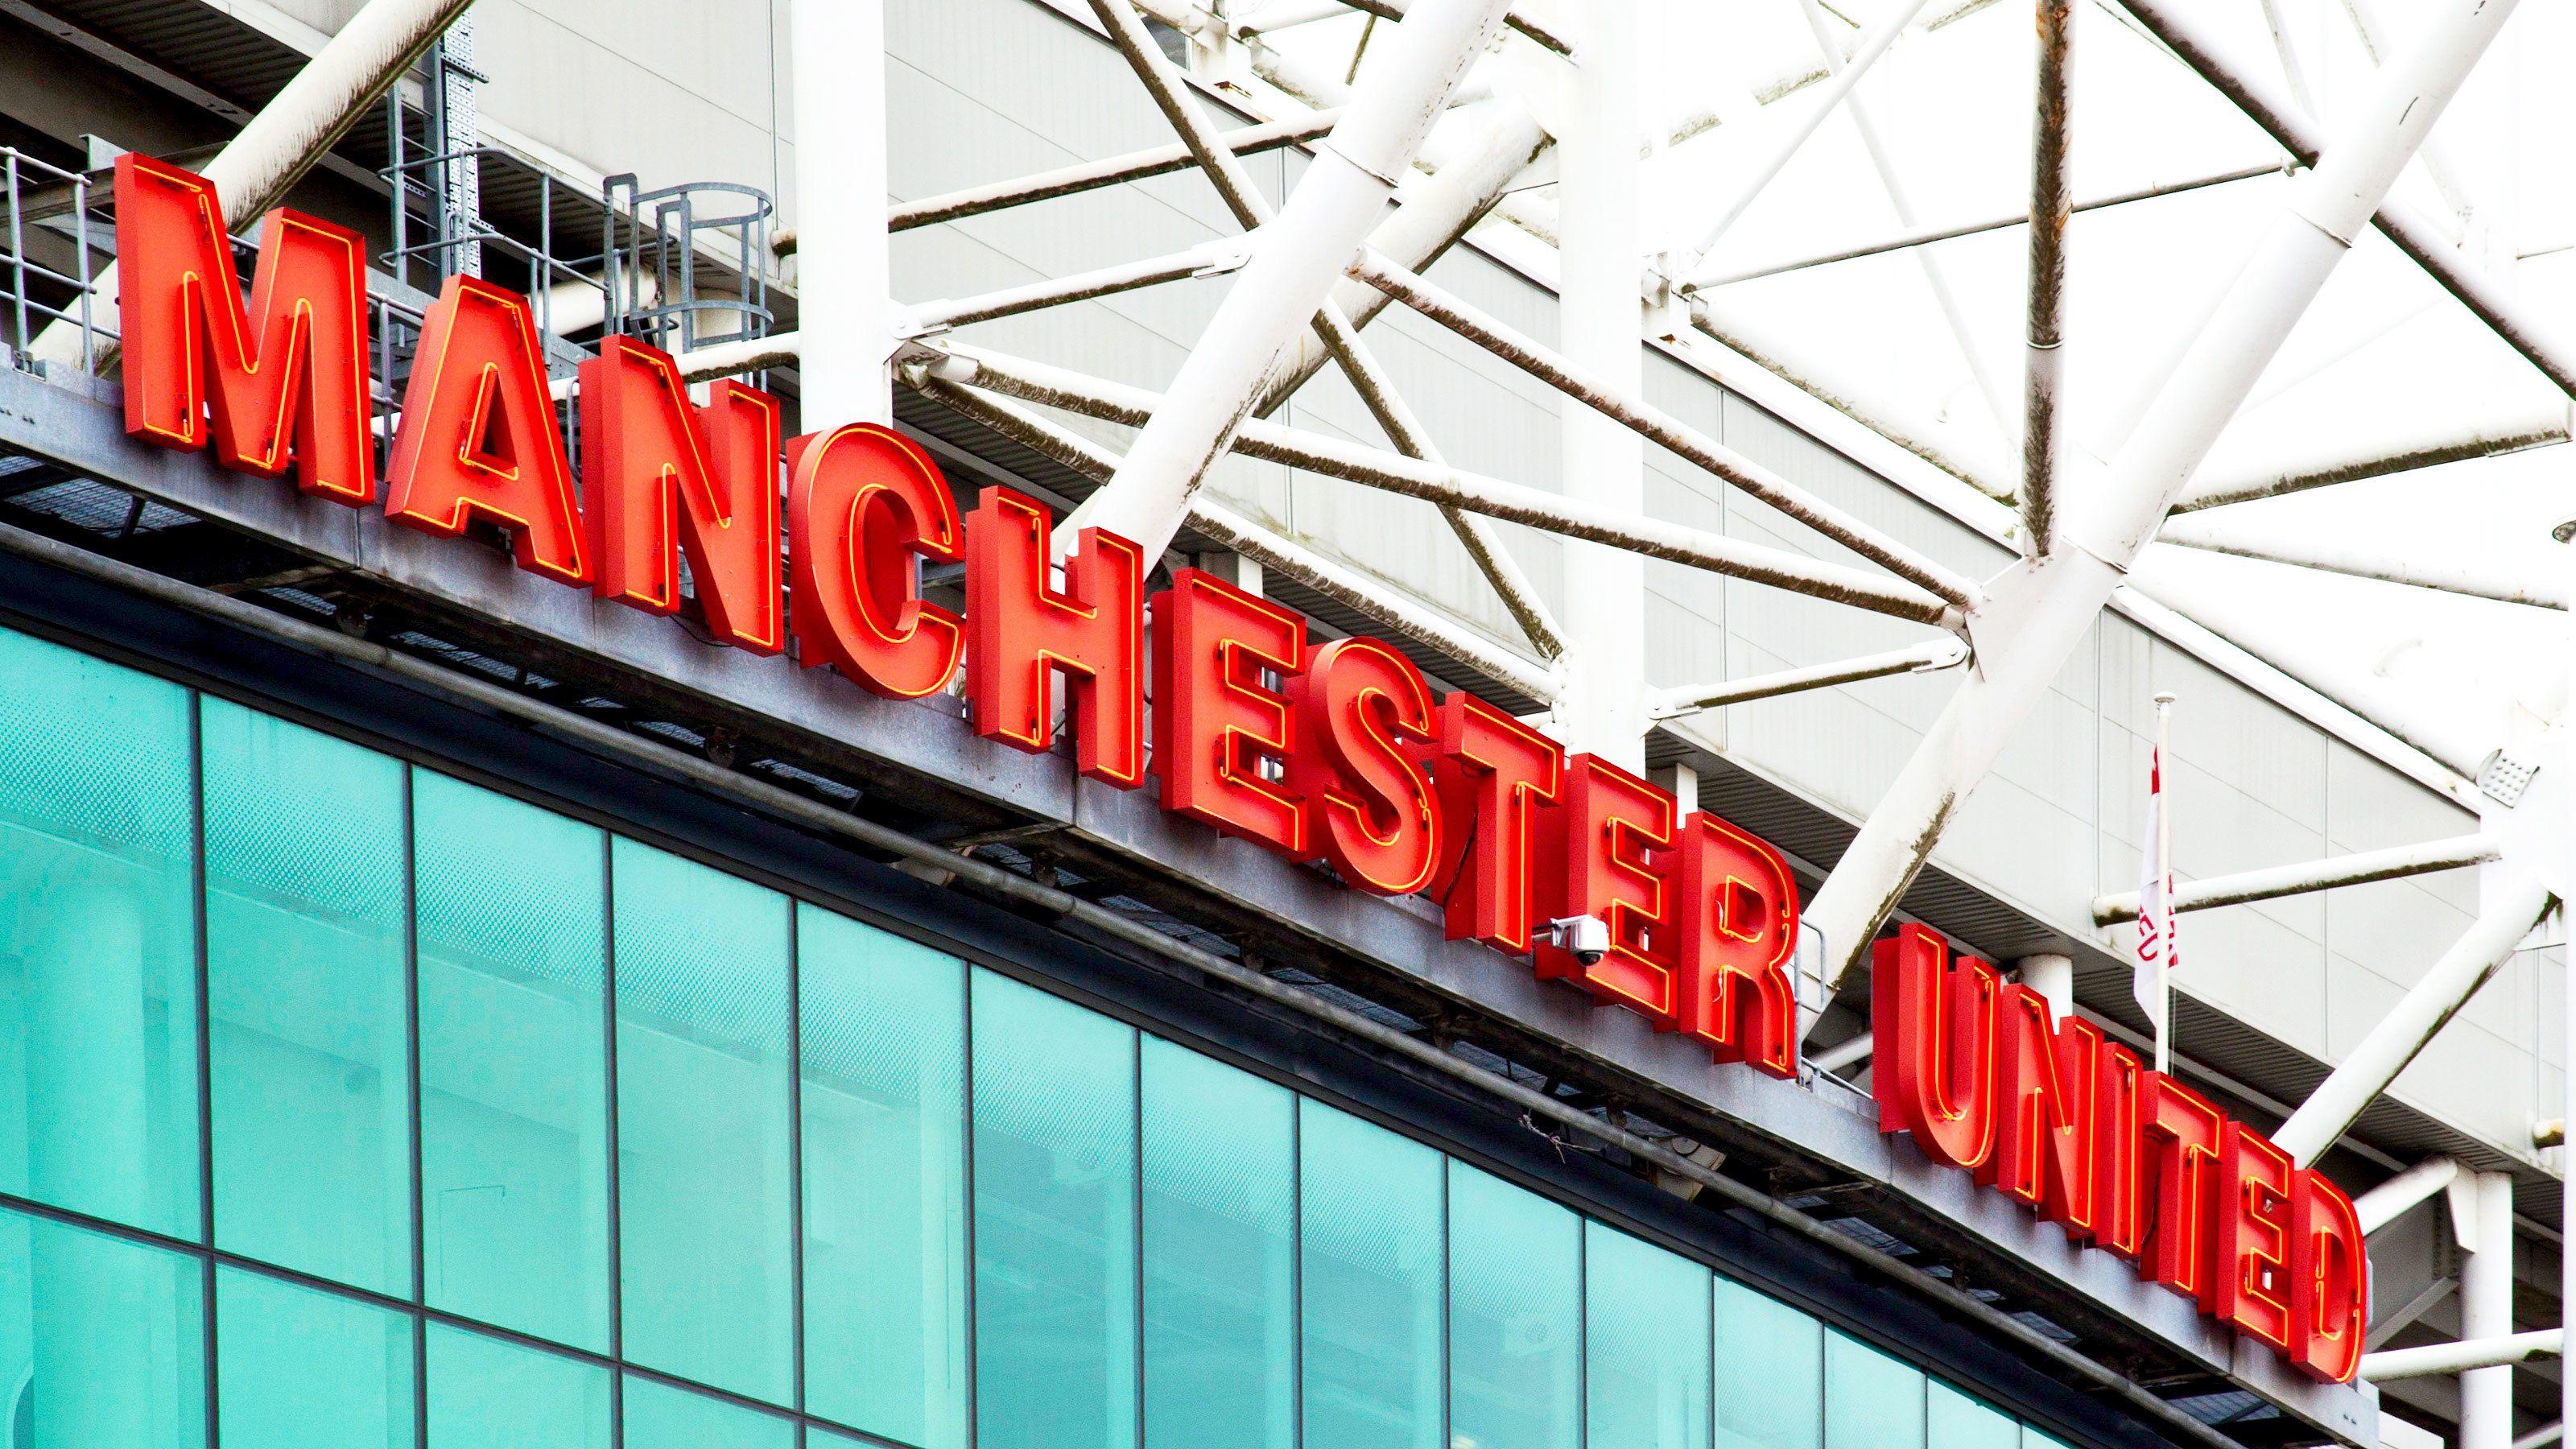 Visita al estadio y el museo del Manchester United en Old Trafford